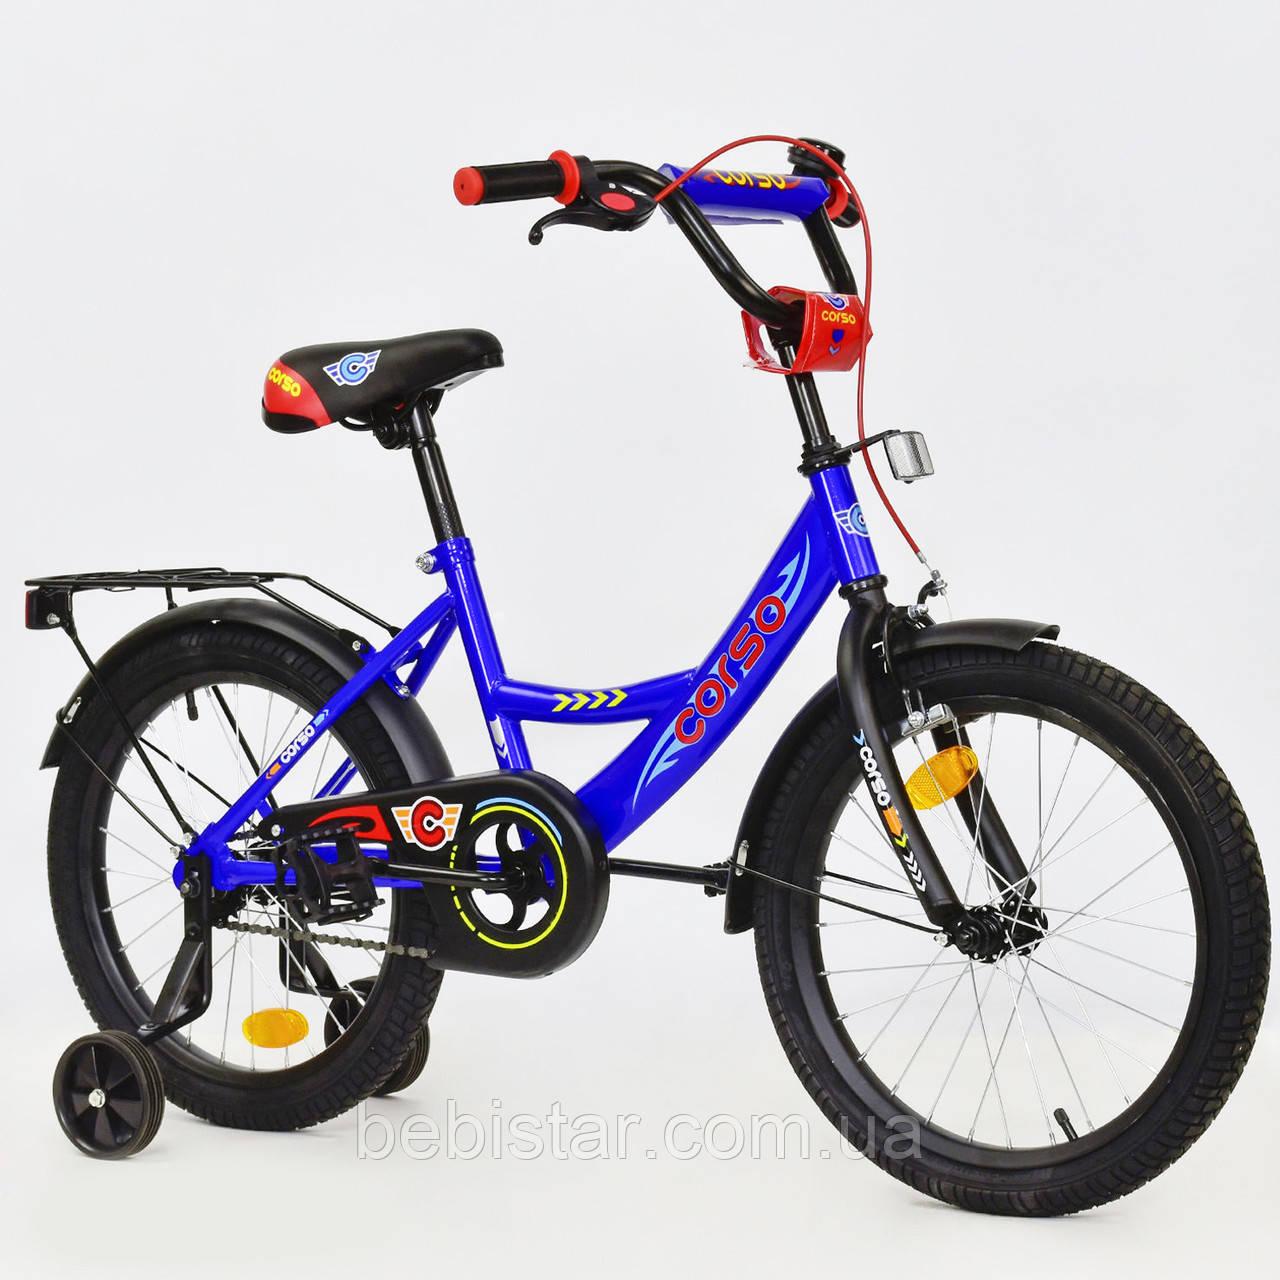 """Двухколесный велосипед Corso 18"""" детям 5-7 лет цвет синий"""